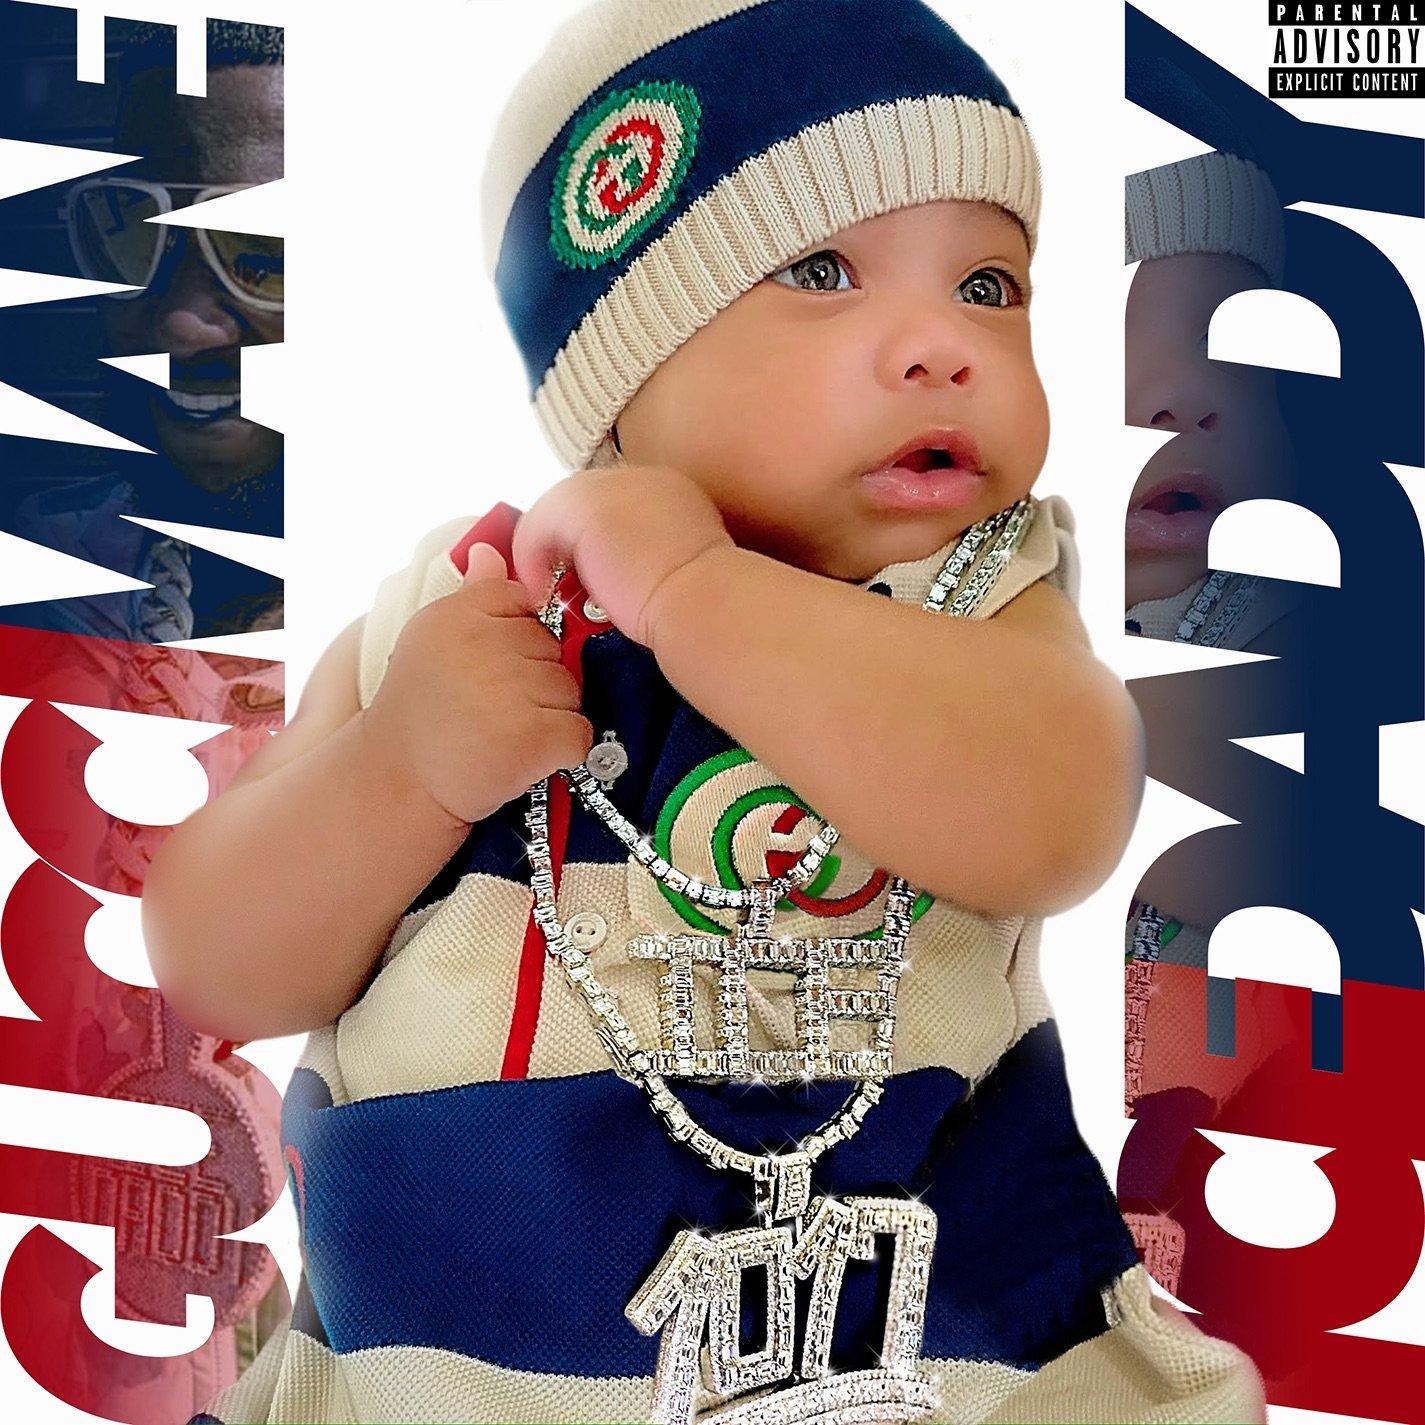 Gucci Mane - I Got It (feat. Lil Uzi Vert